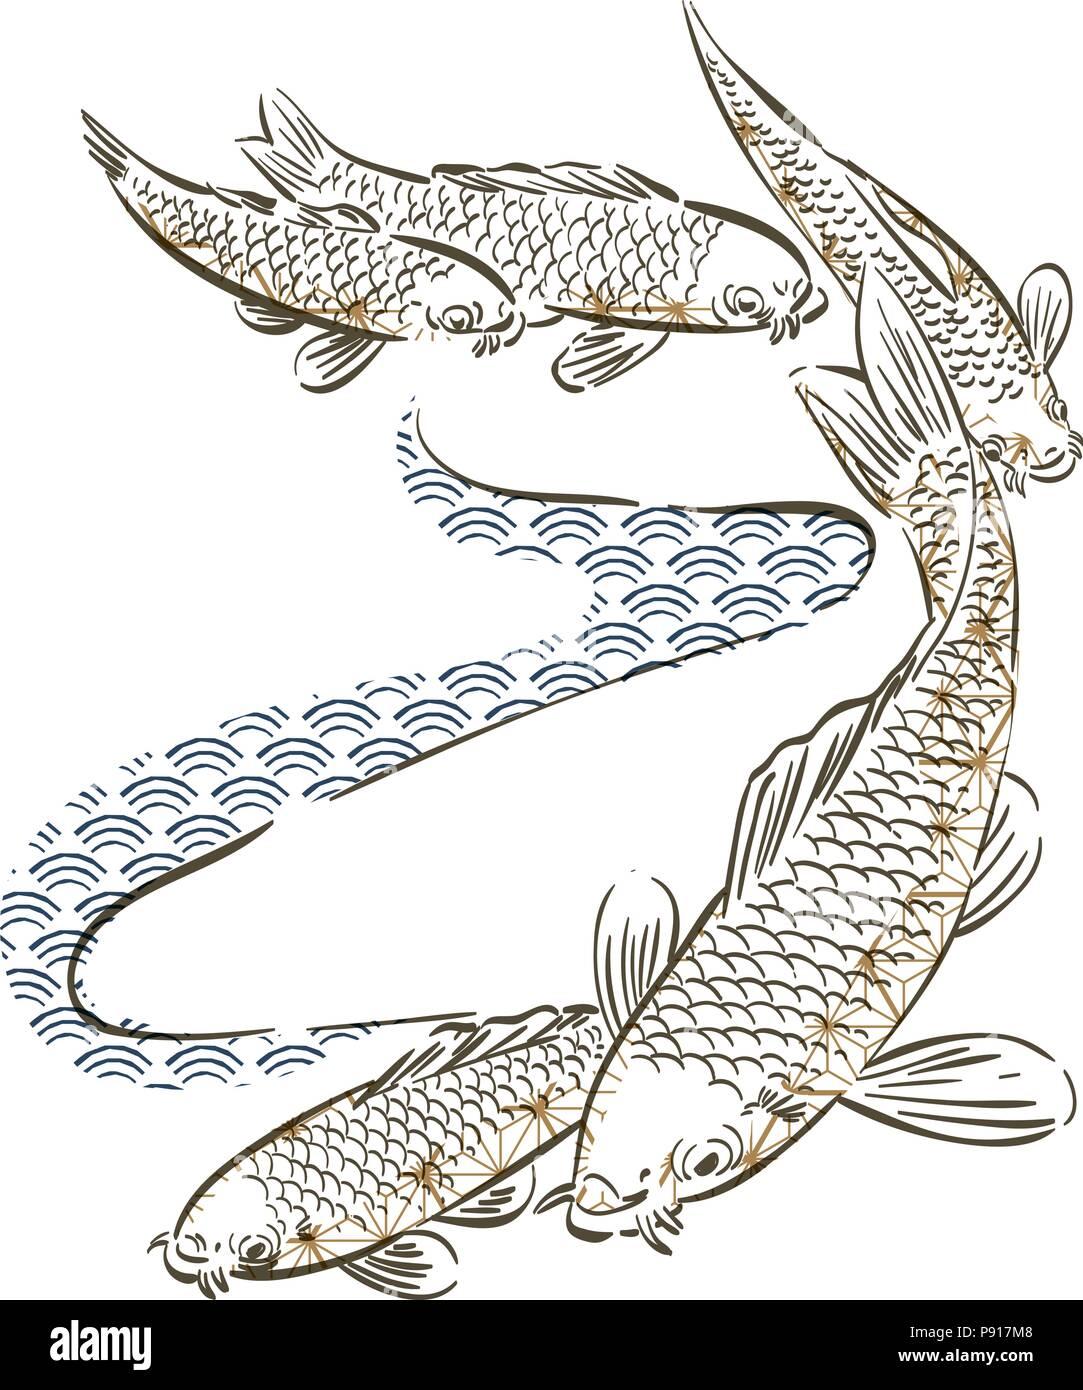 Peces carpa vector dibujados a mano. Patrón japonés y el fondo ...